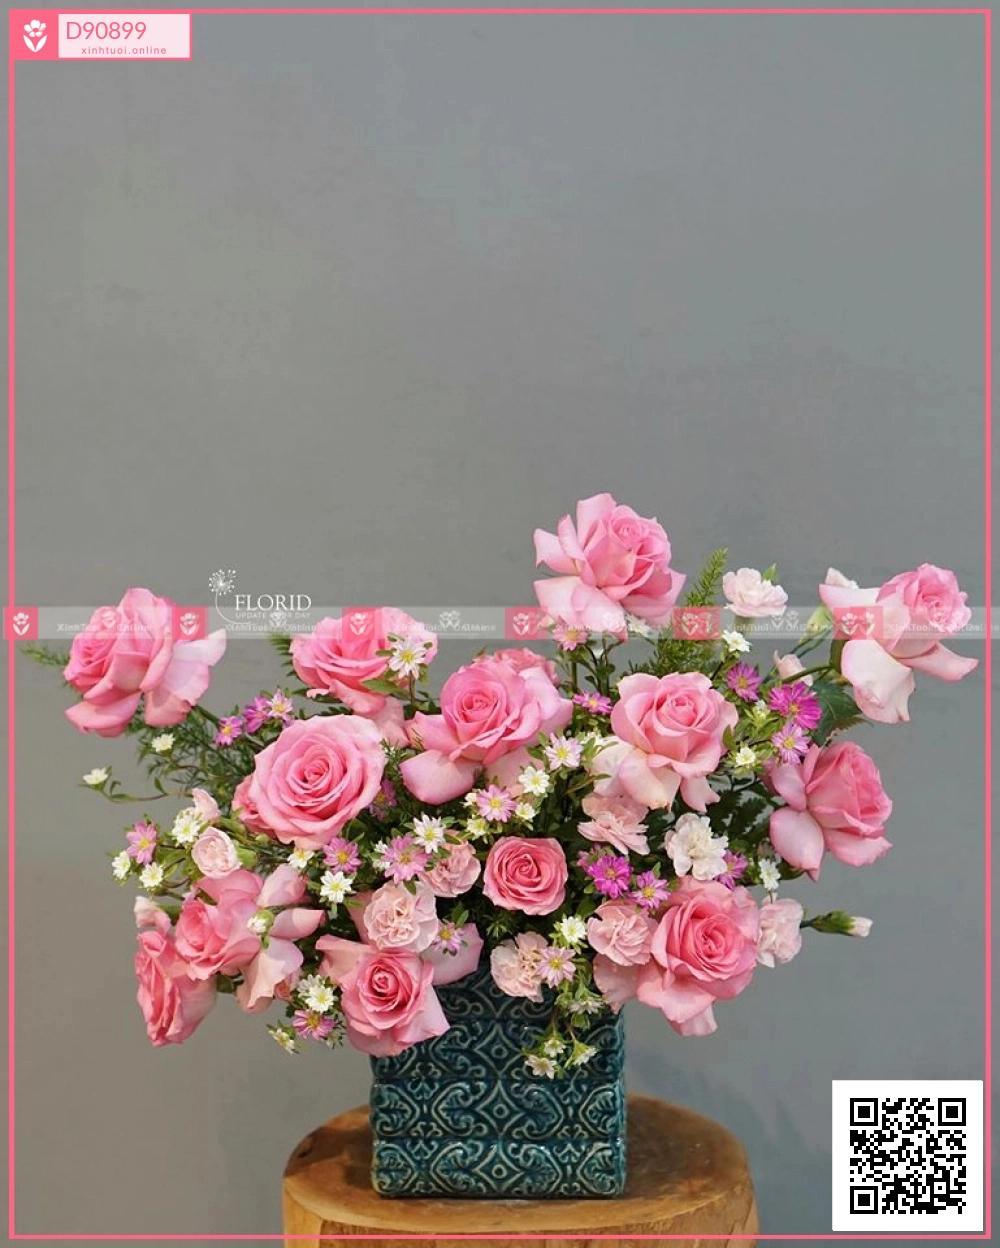 MS 1638 valentine - D90899 - xinhtuoi.online